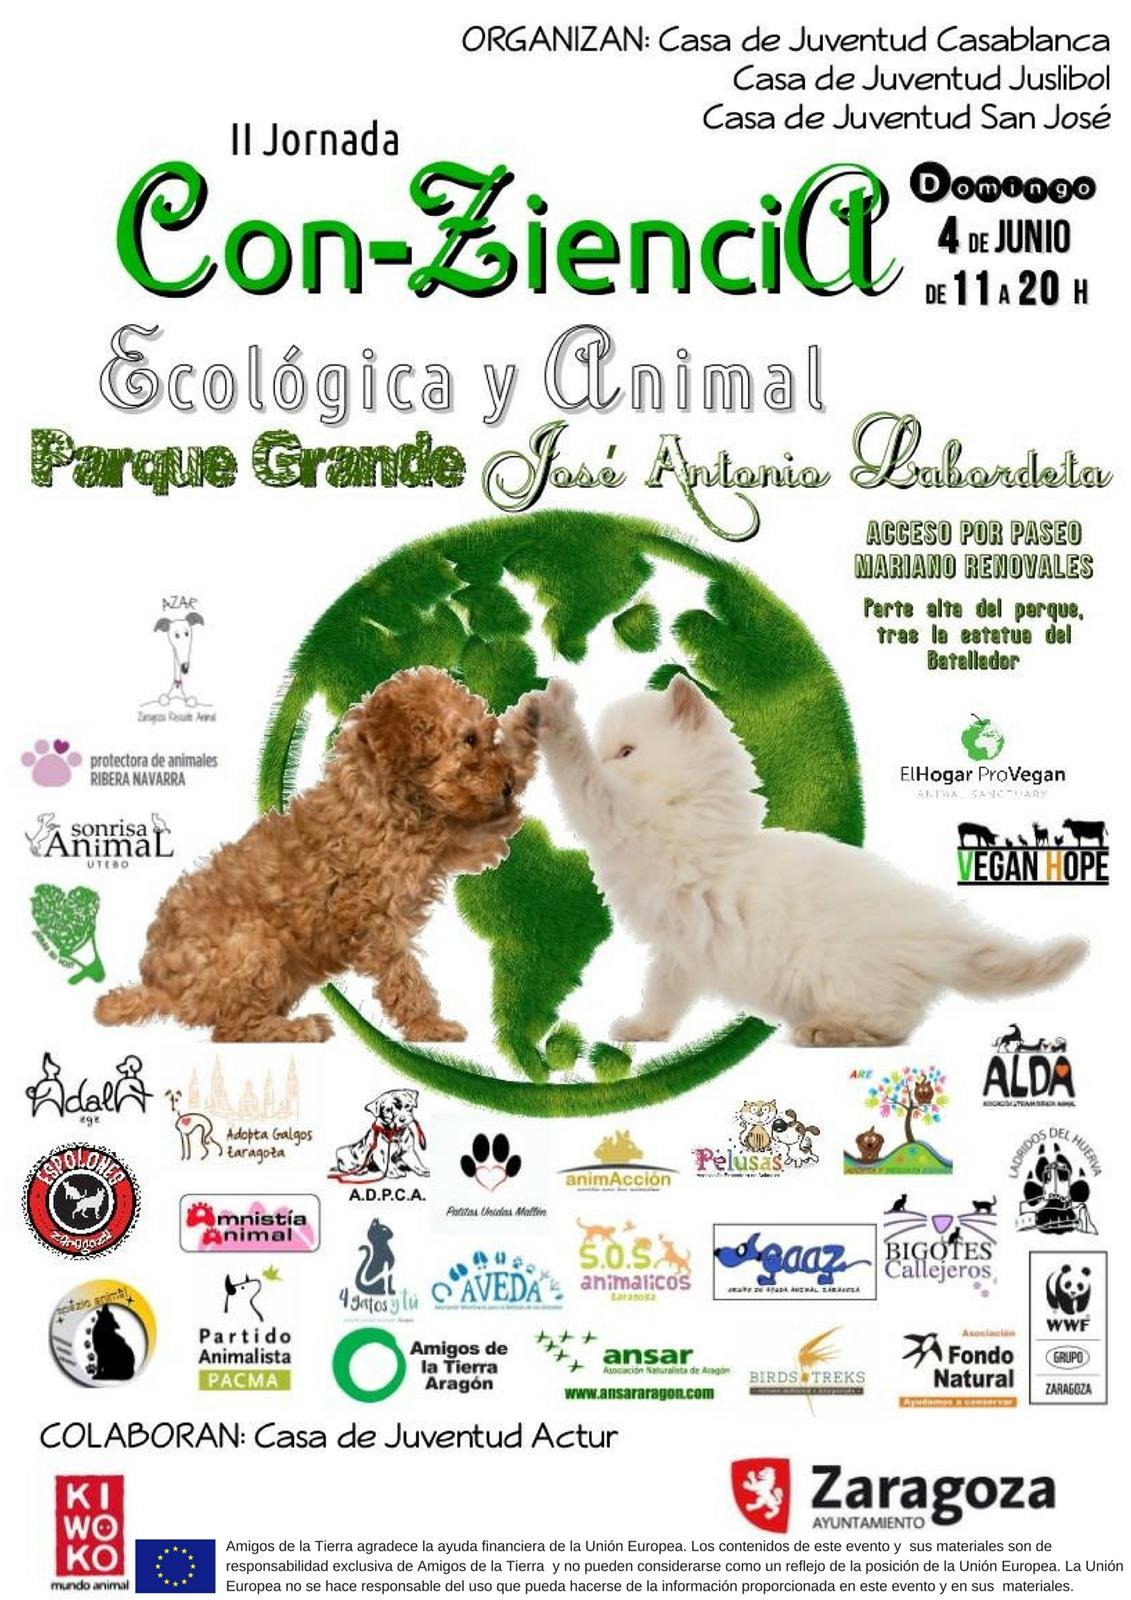 Ir a Aragón: II Jornada Con-Ziencia Ecológica y Animal